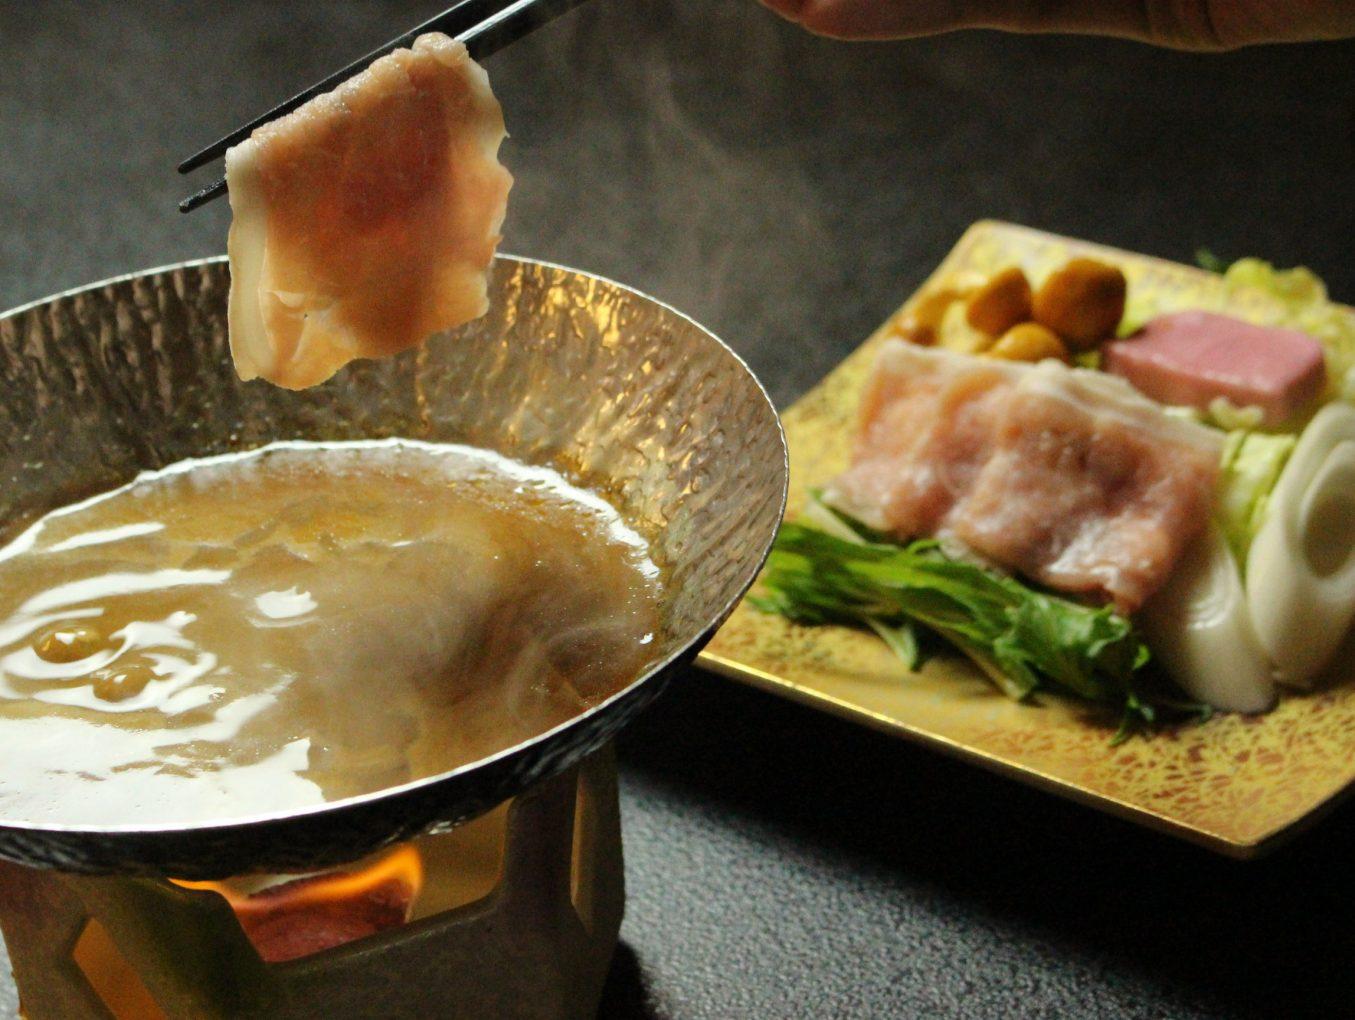 ◆料理撮影&夏季メニューへの取り組み 5月12日更新◆